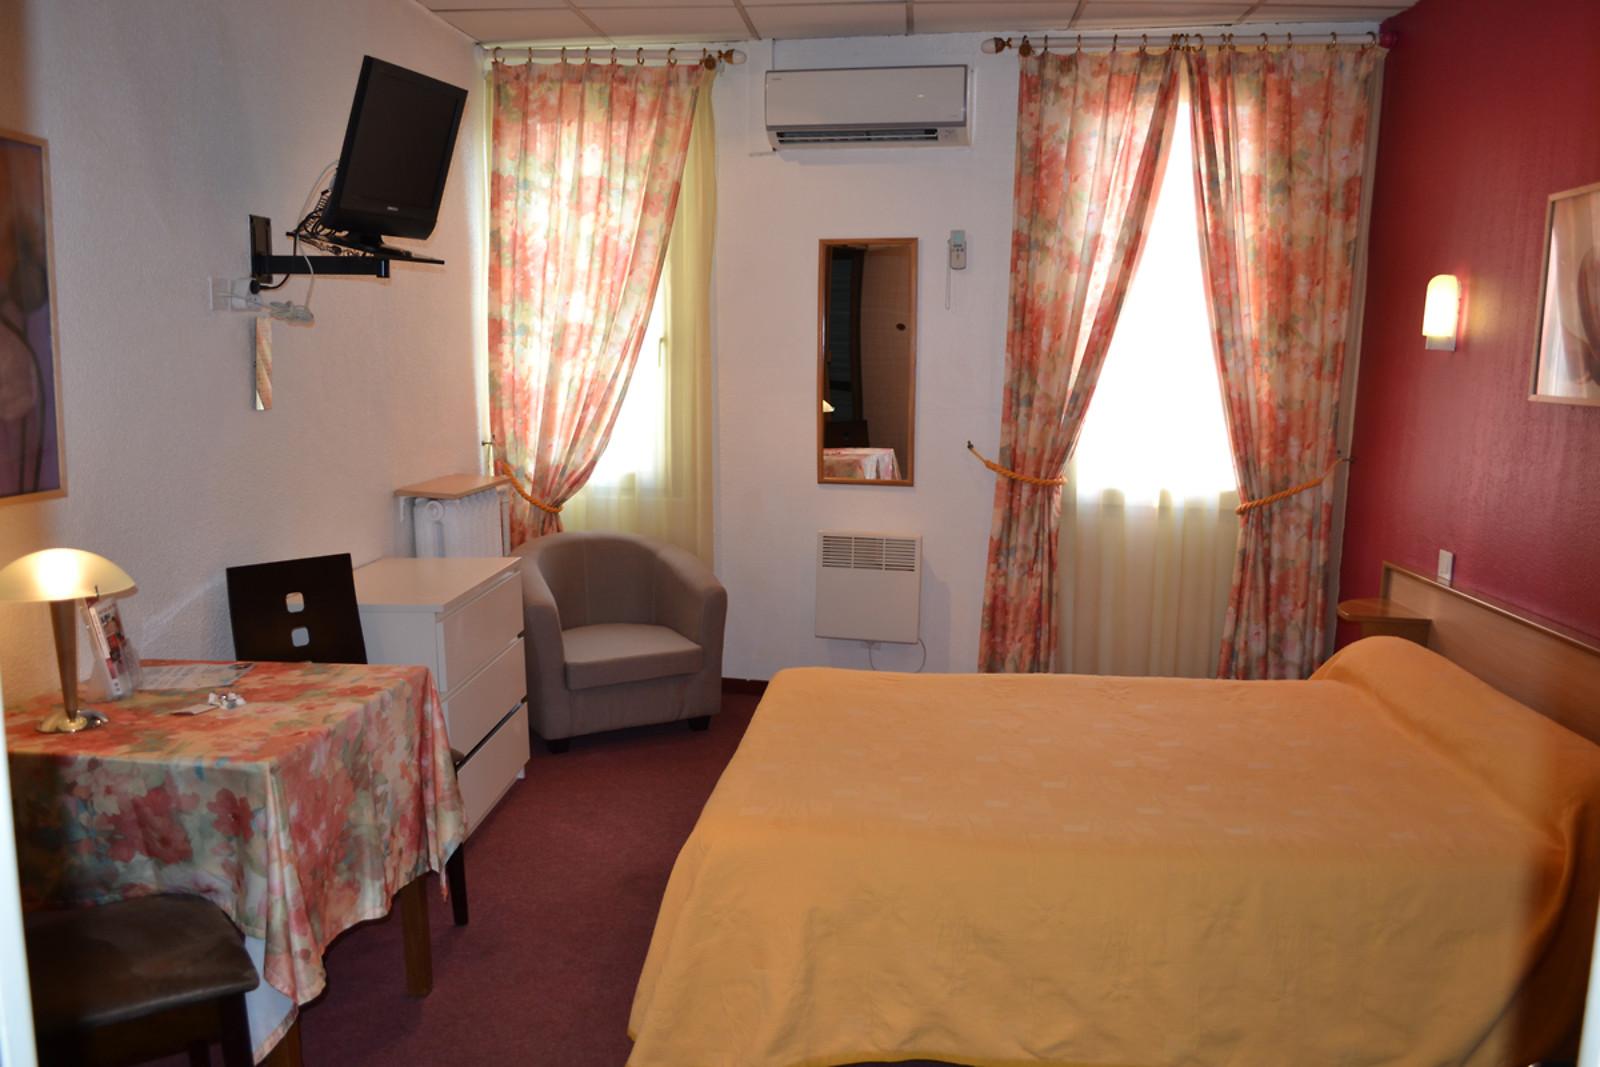 S jour pour 2 l 39 h tel d 39 angleterre salon de provence - Hotel d angleterre salon de provence ...